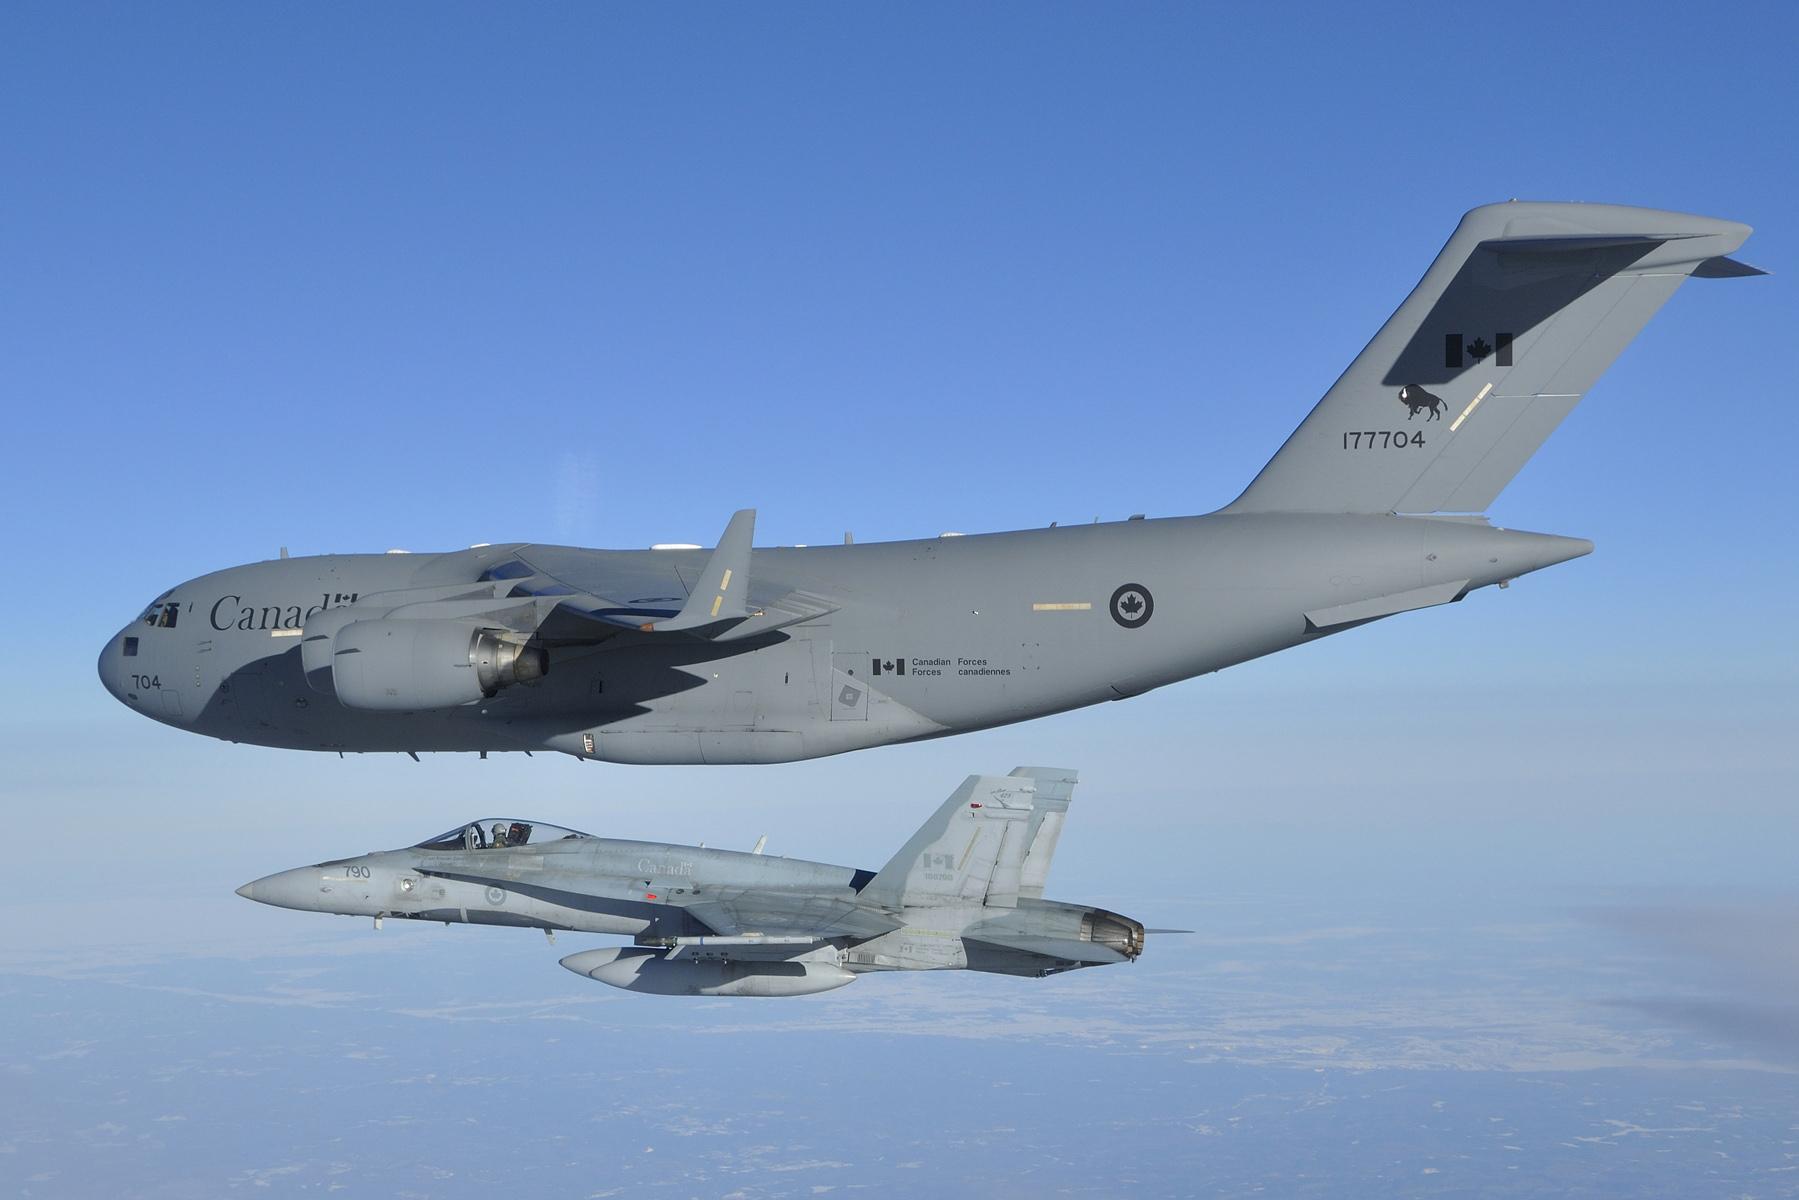 RCAF Brings Last Canadian Troops Home